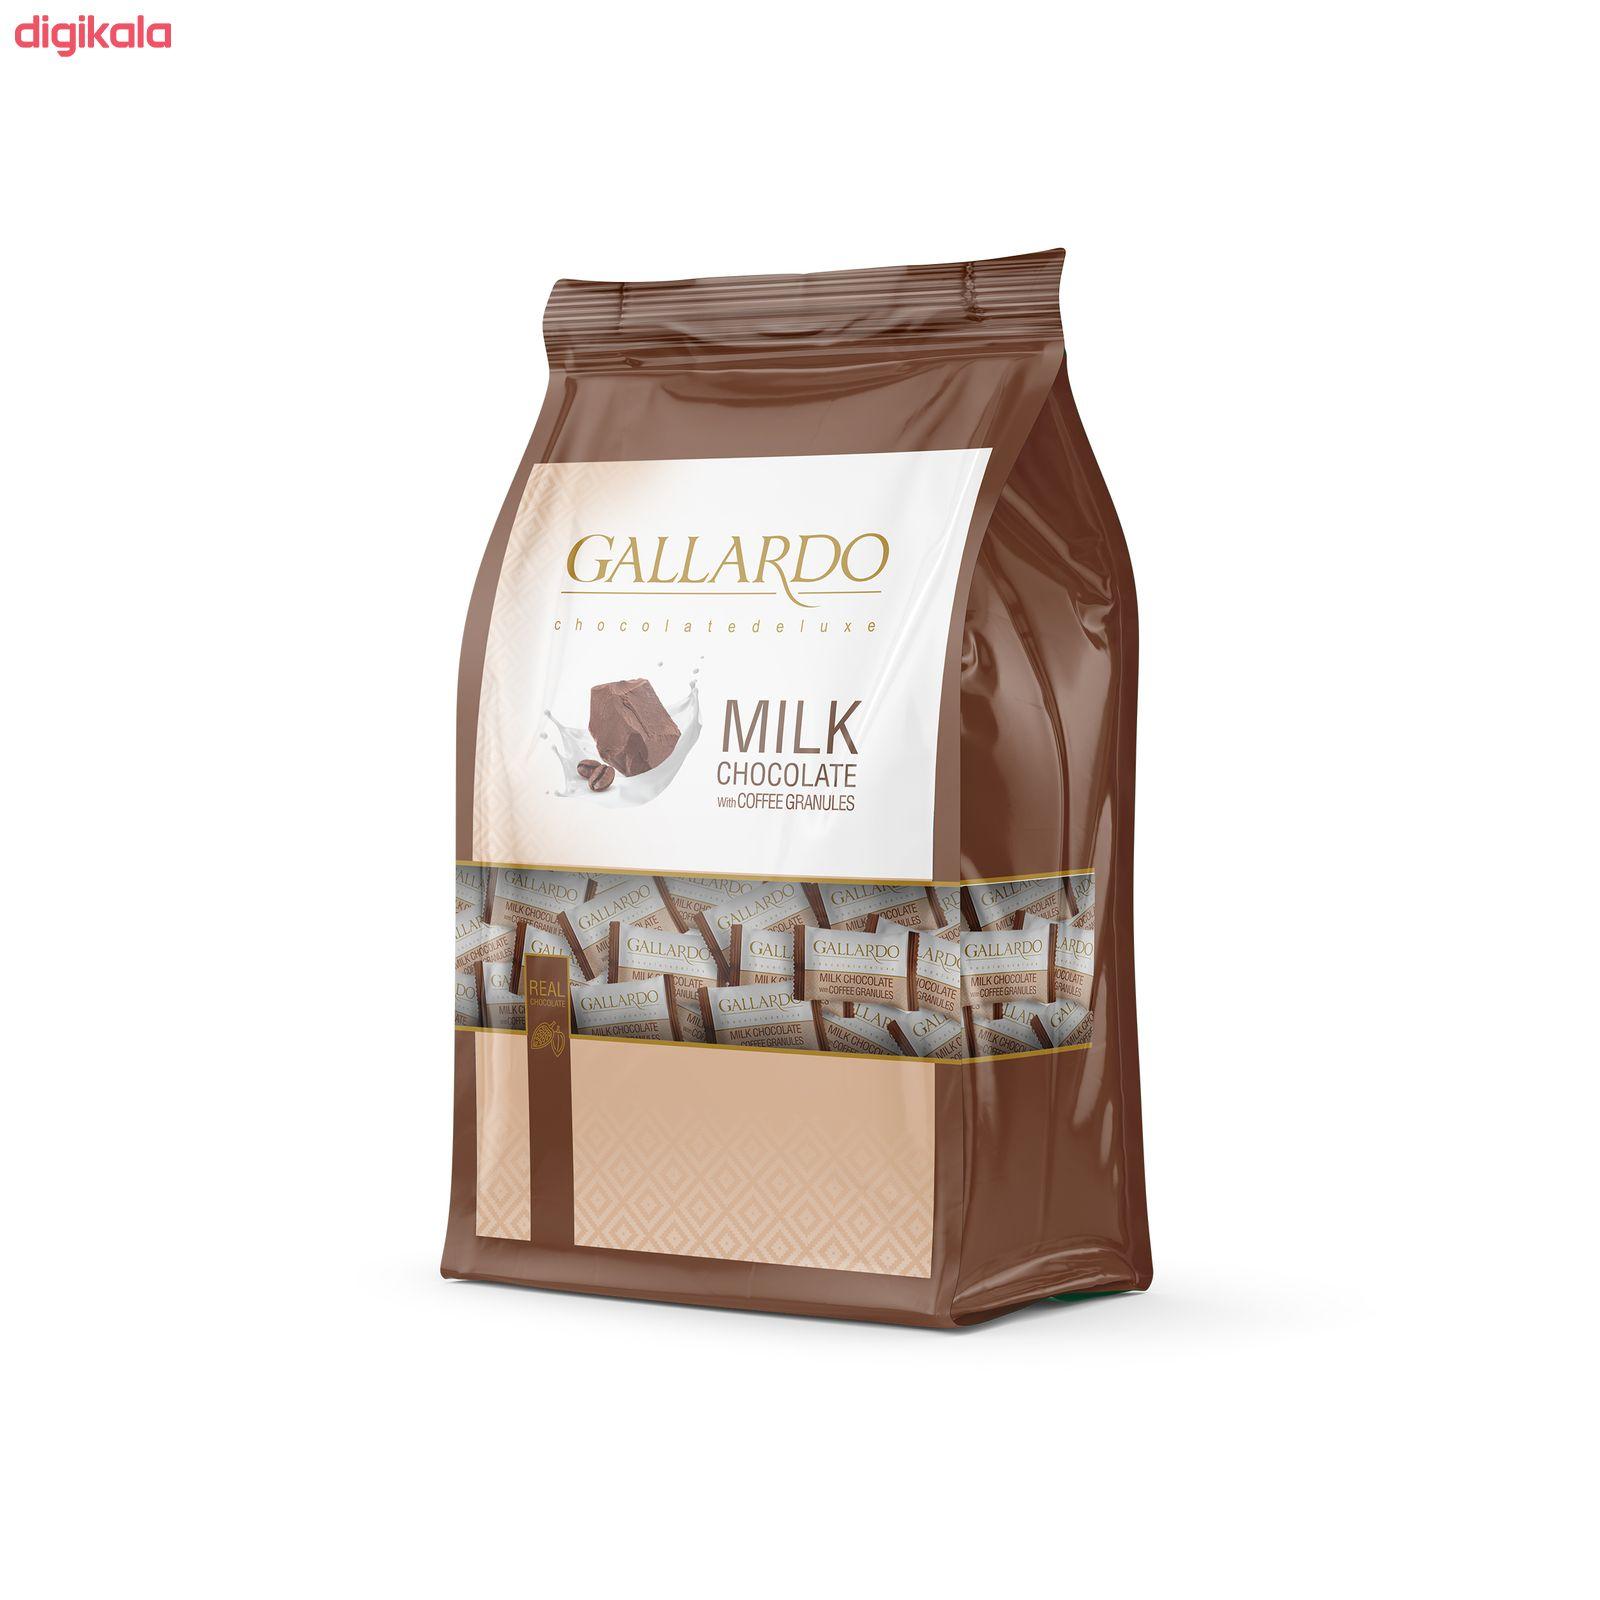 شکلات شیری با گرانول قهوه گالاردو فرمند - 330 گرم main 1 1